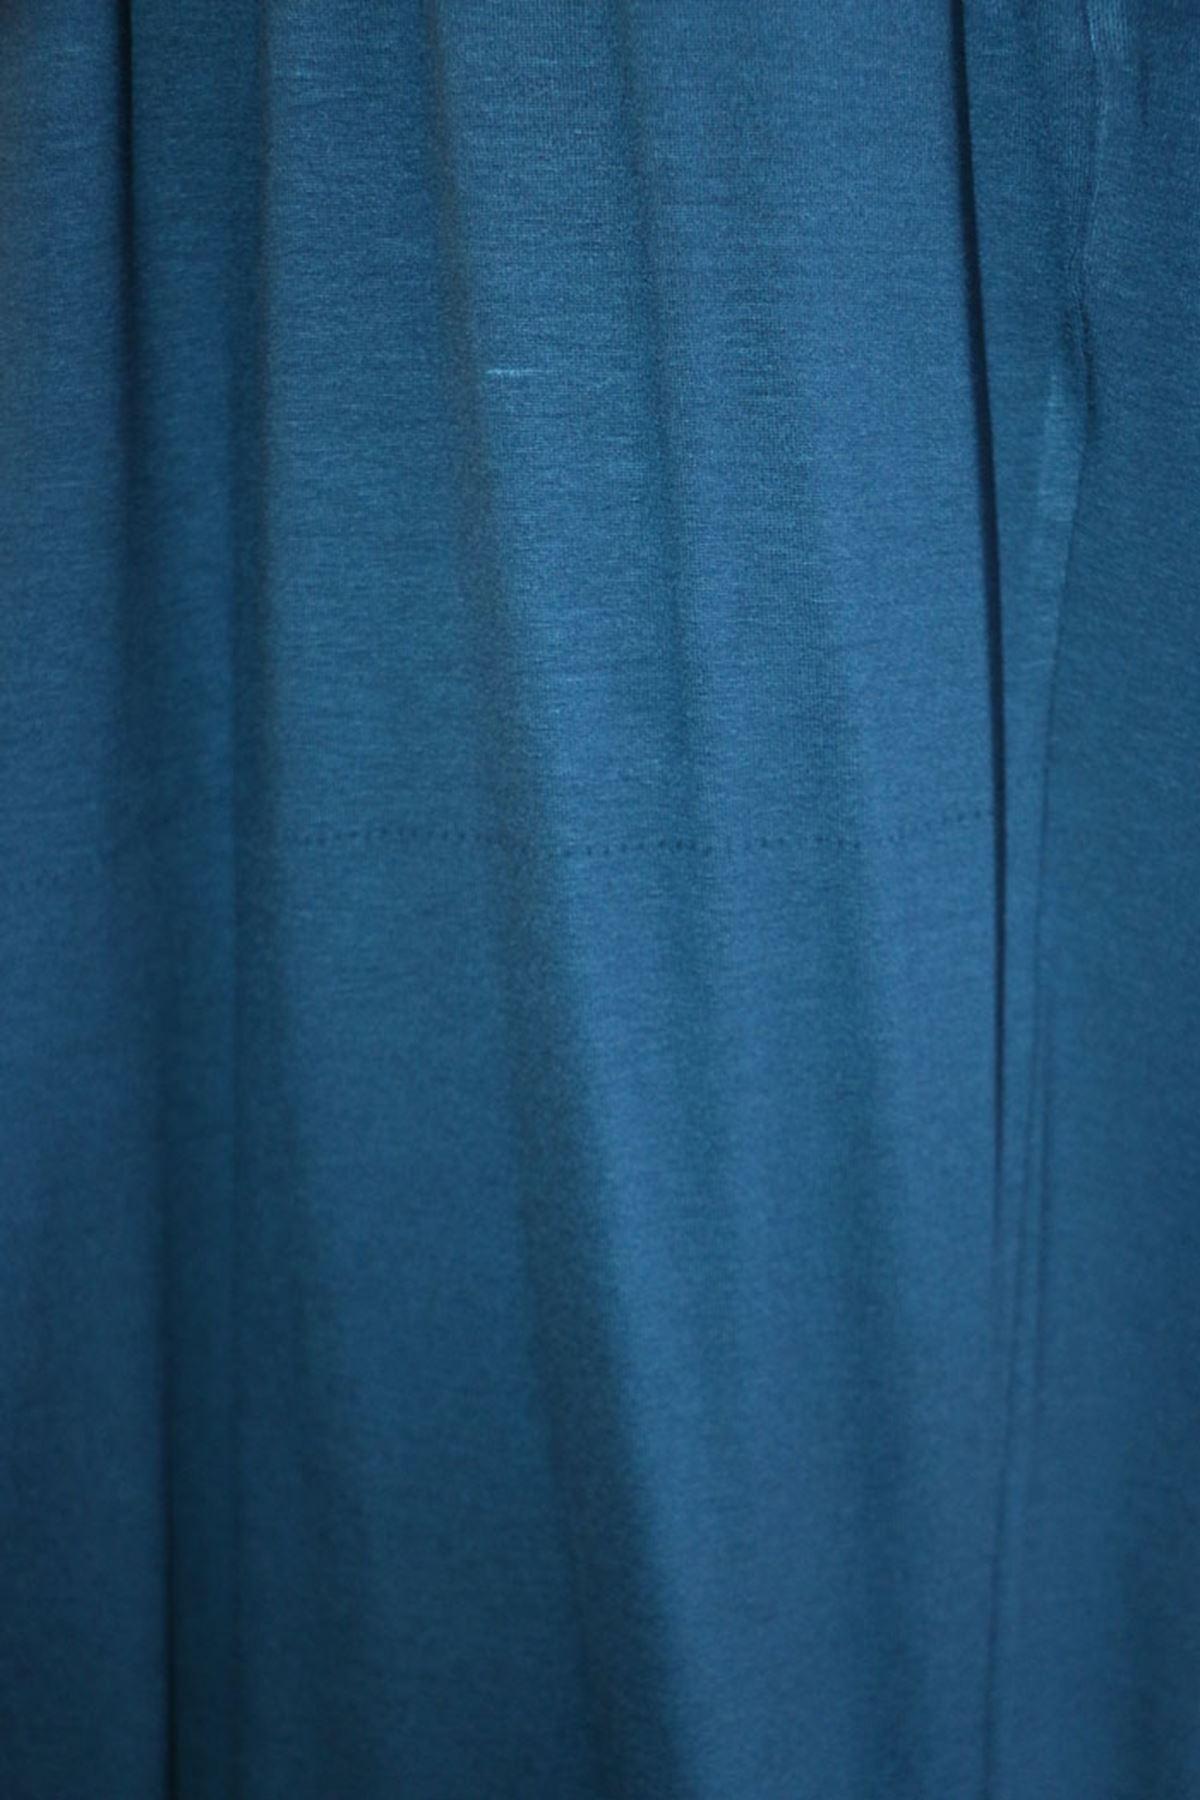 D-9012-1 Büyük Beden Defolu Beli Lastikli Penye Pantolon Petrol